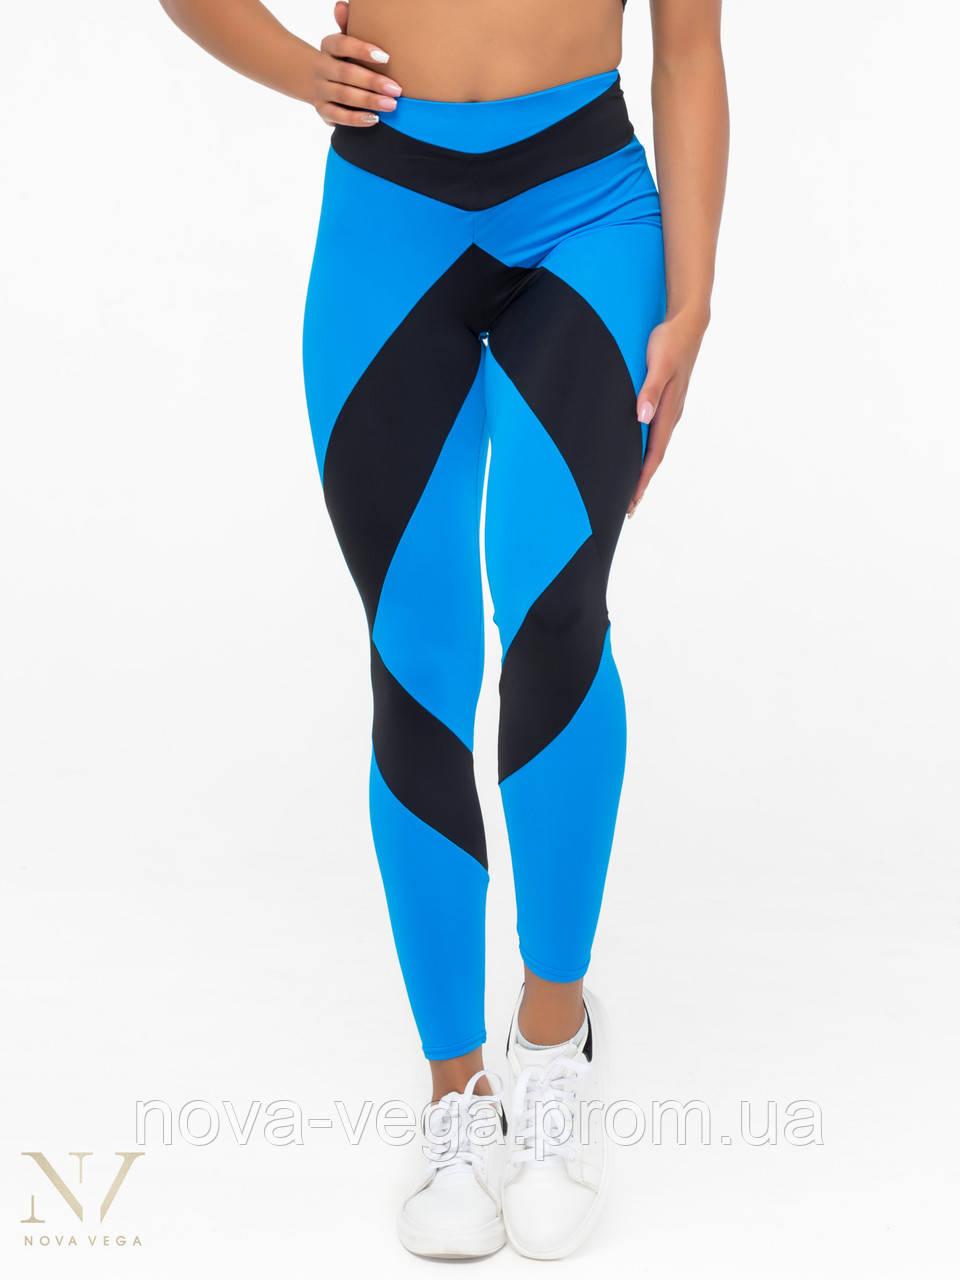 Тренировочные Женские Лосины Nova Vega Cotis Black&Blue